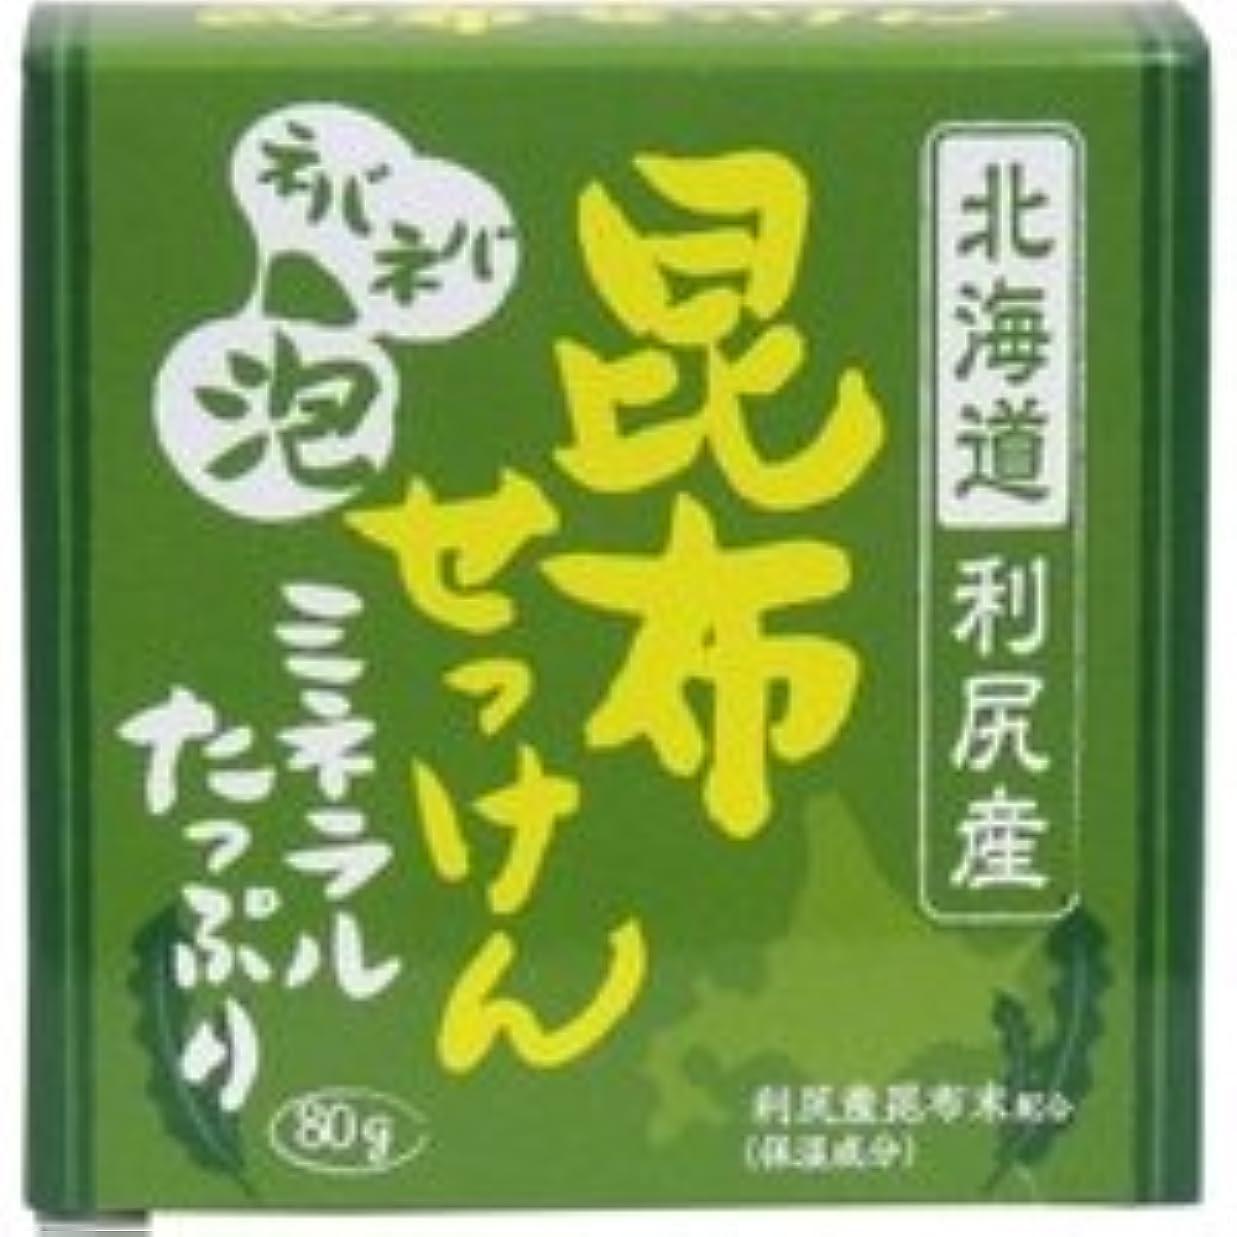 推進に賛成使用法昆布せっけん80g(北海道利尻産)